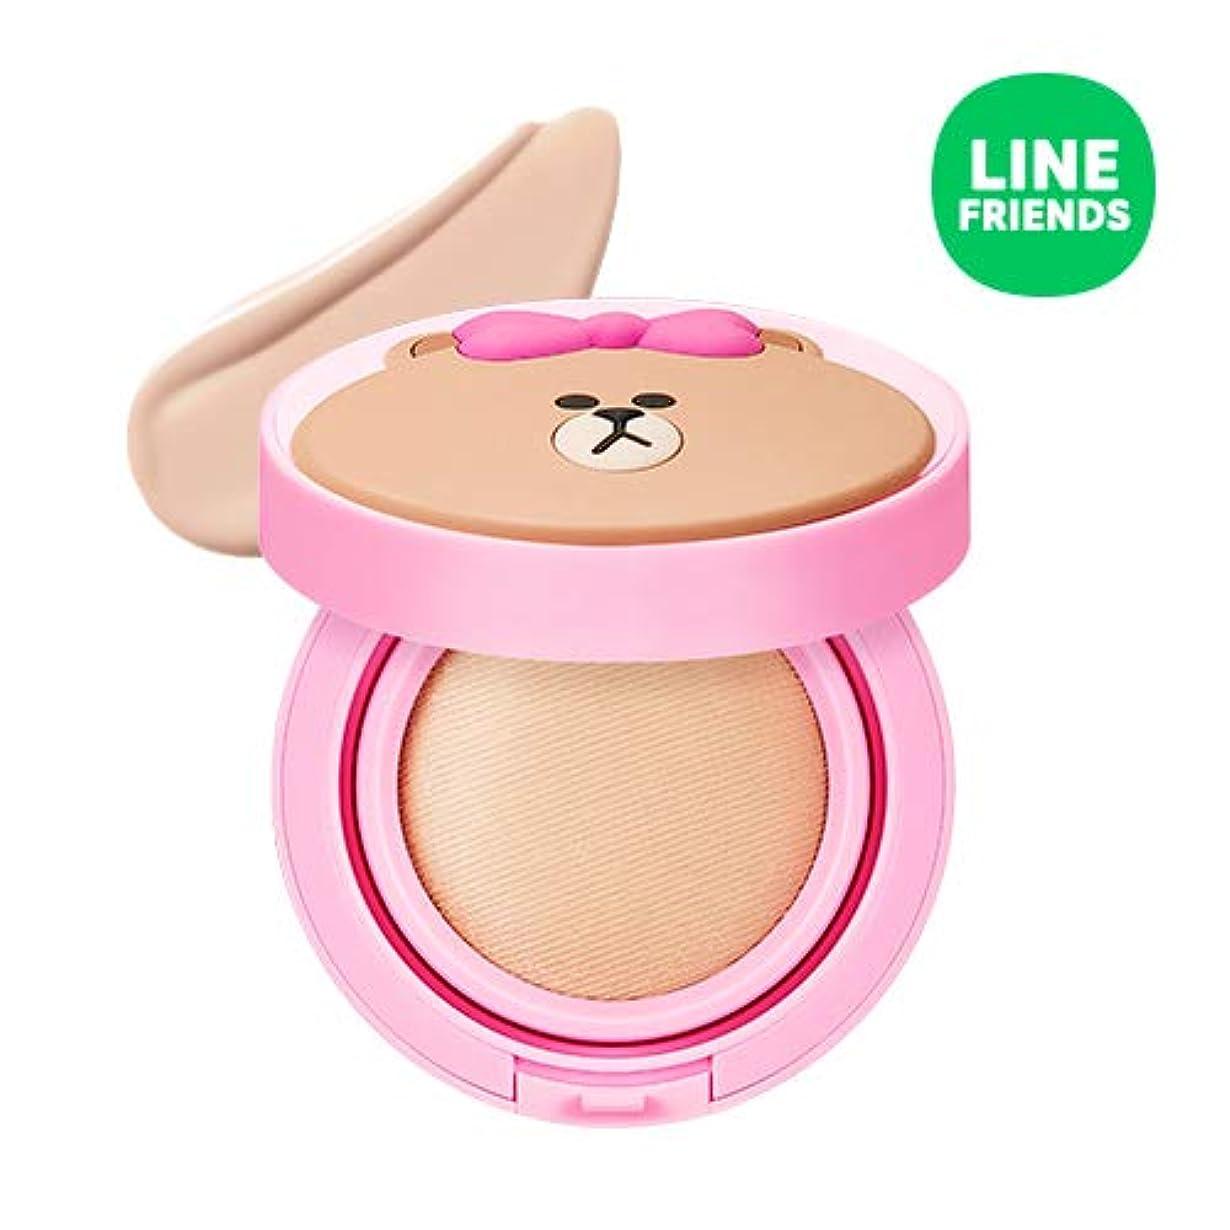 嘆くクラッチ物足りないミシャ(ラインフレンズ)グローテンション15g / MISSHA [Line Friends Edition] Glow Tension SPF50 PA+++ #Fair(Pink tone No.21) [並行輸入品]